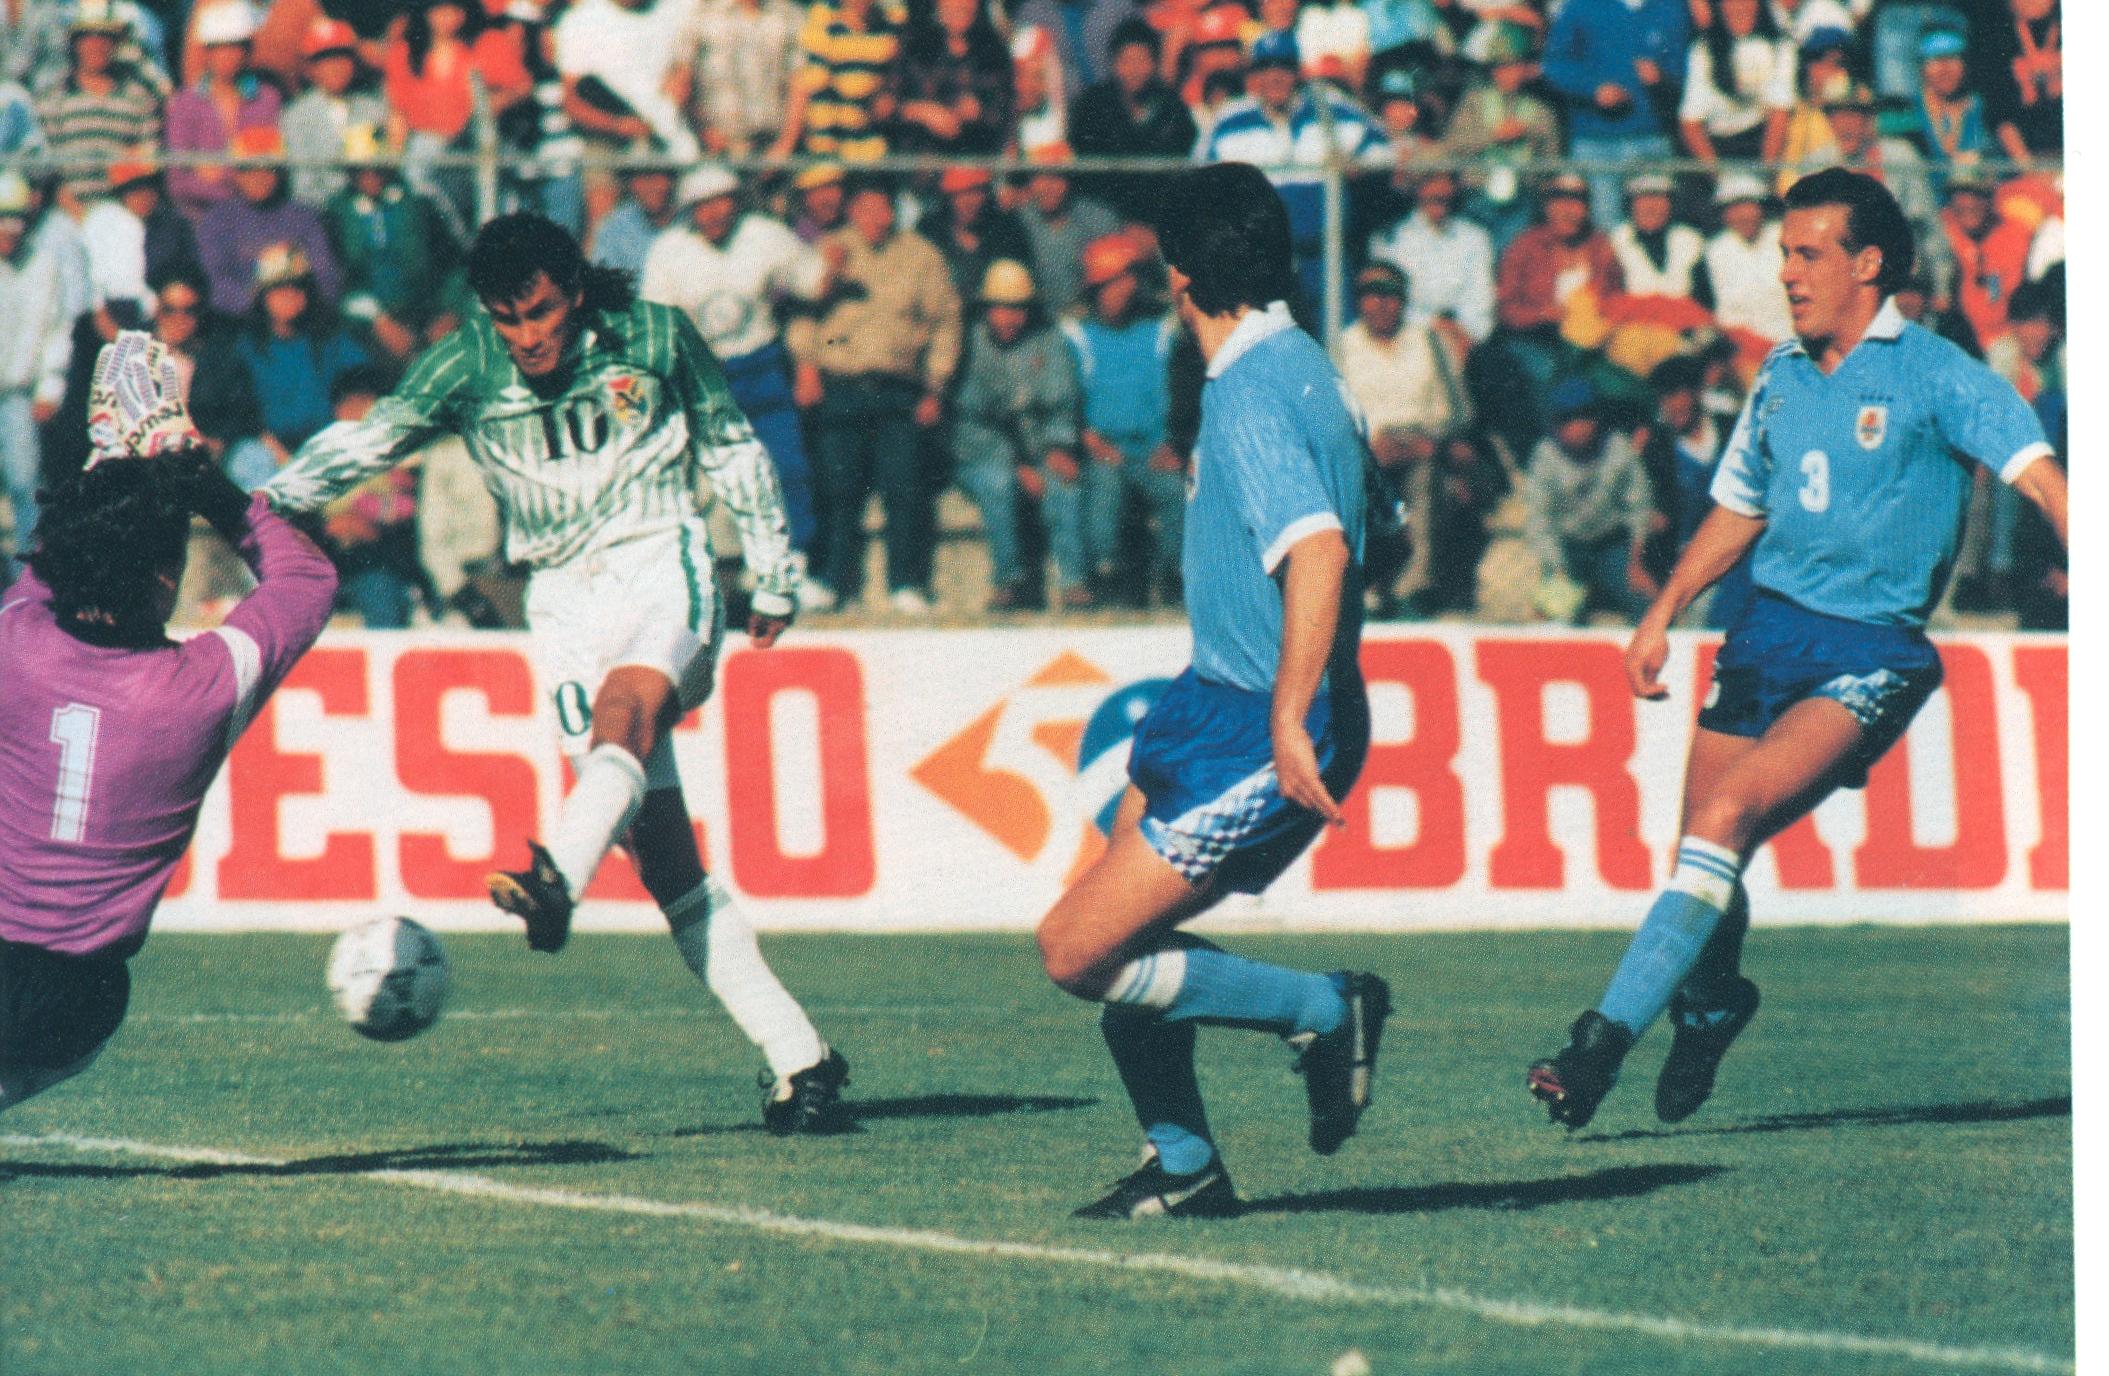 Historia. Bolivia al Mundial, tras una campaña casi impecable. (1993)